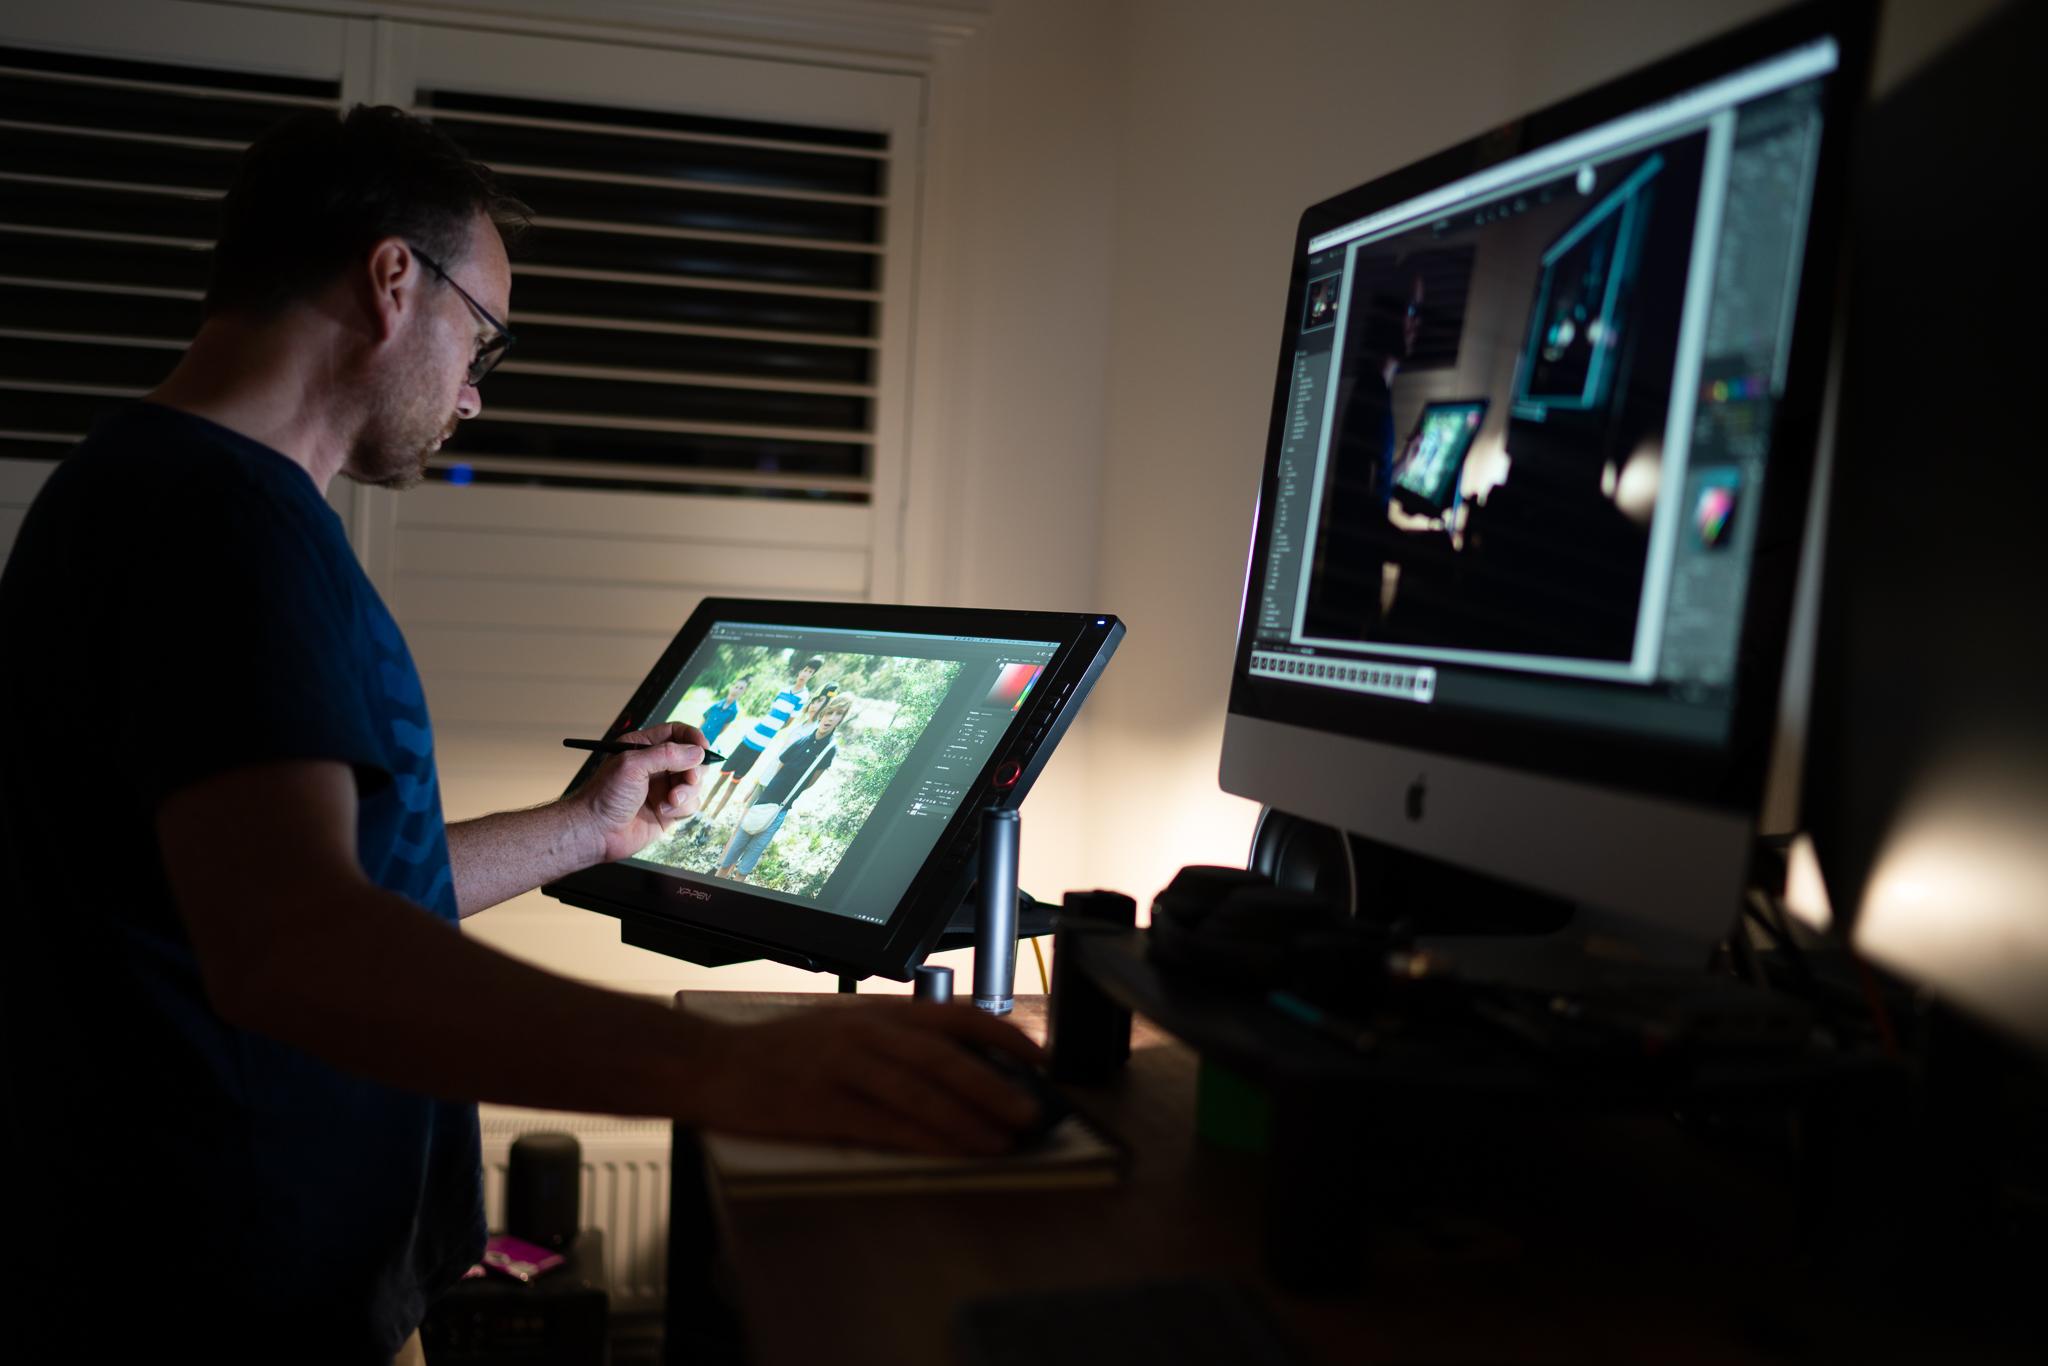 XP-Pen Artist 24 Pro graphics tablet review